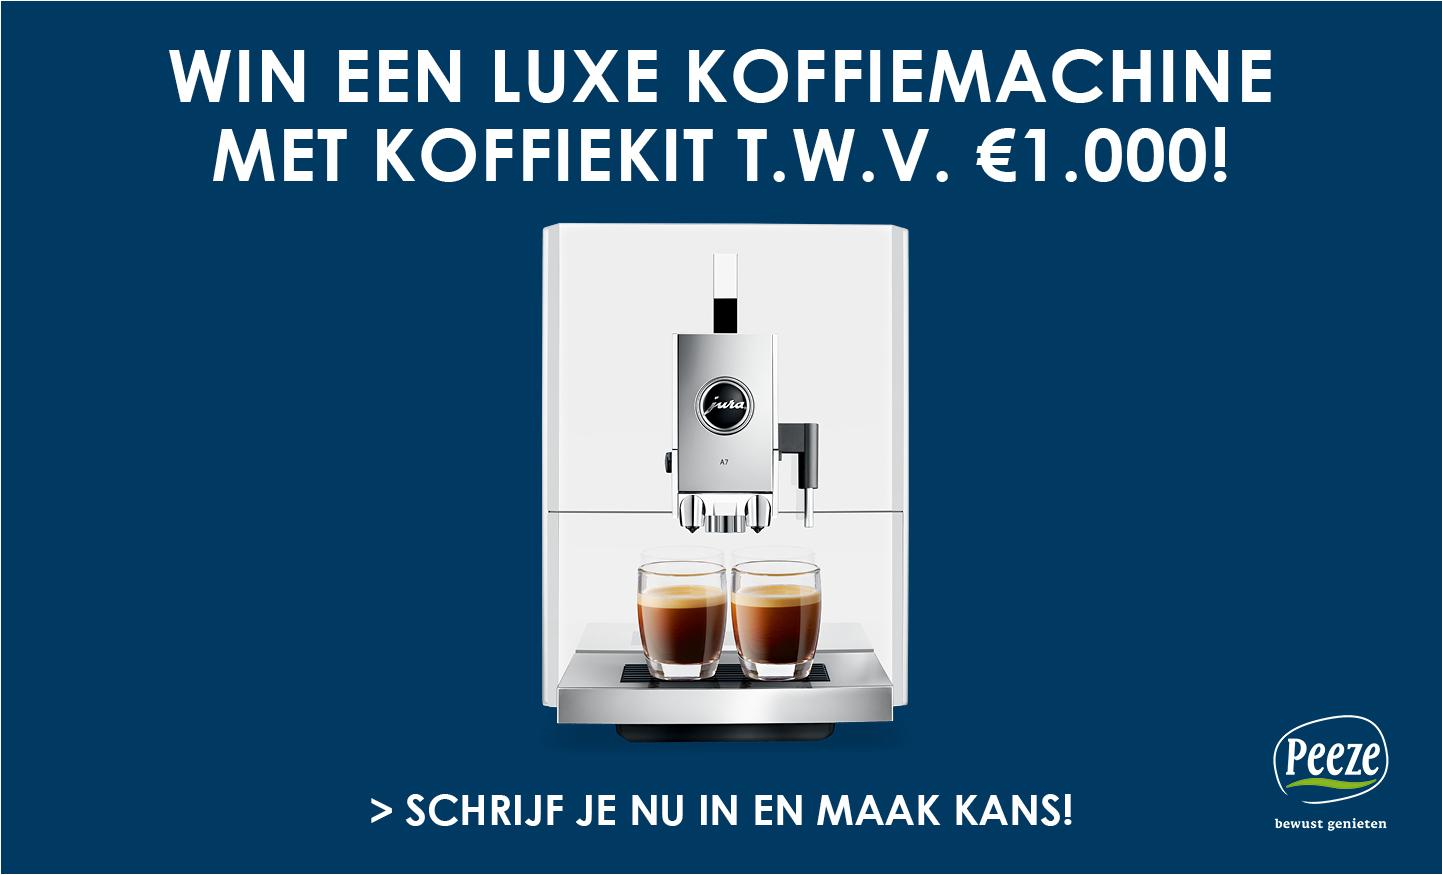 Win een koffiemachine!